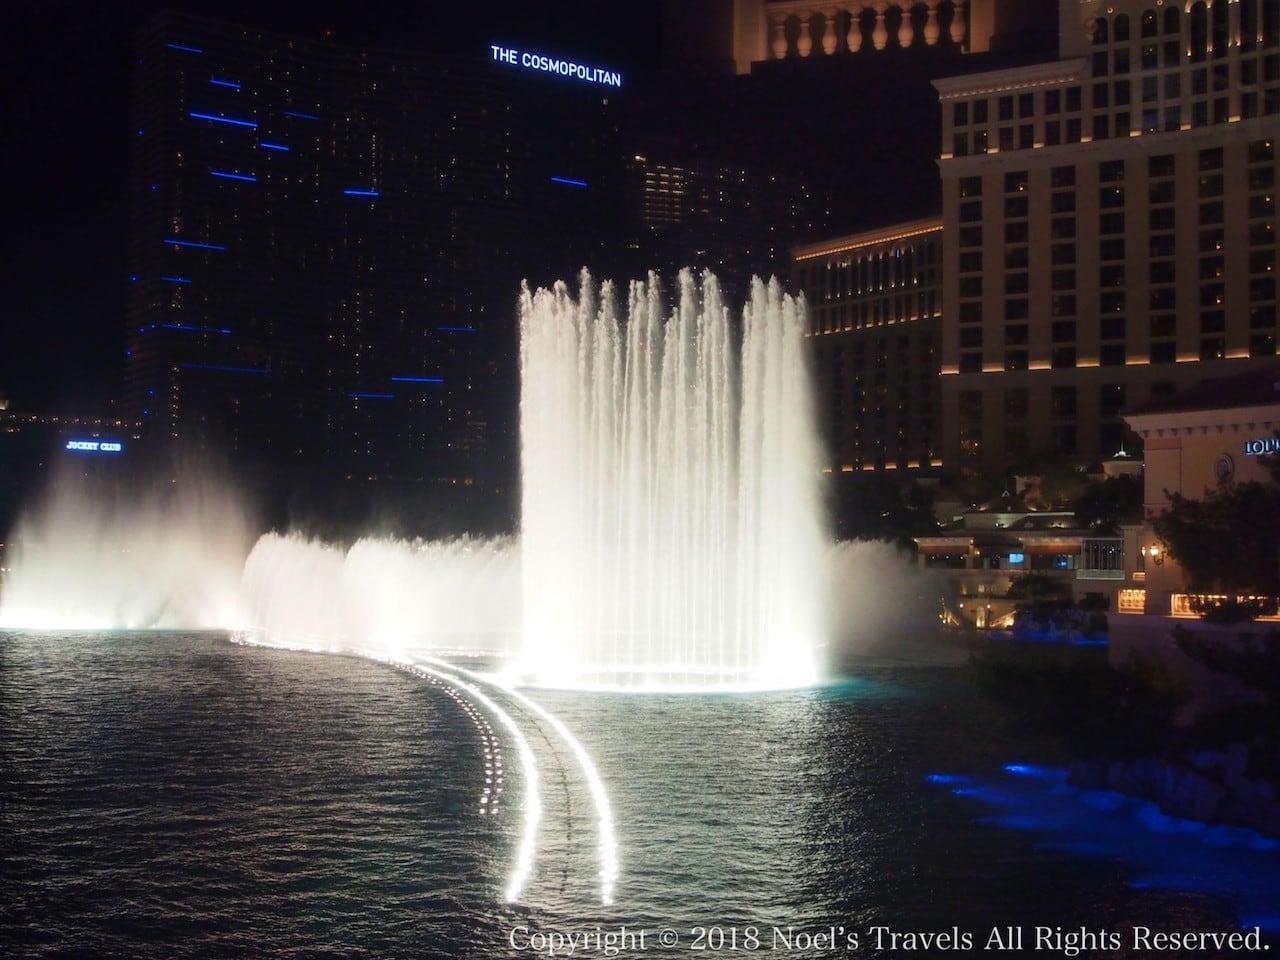 ラスベガスのホテル「ベラージオ」の噴水ショー